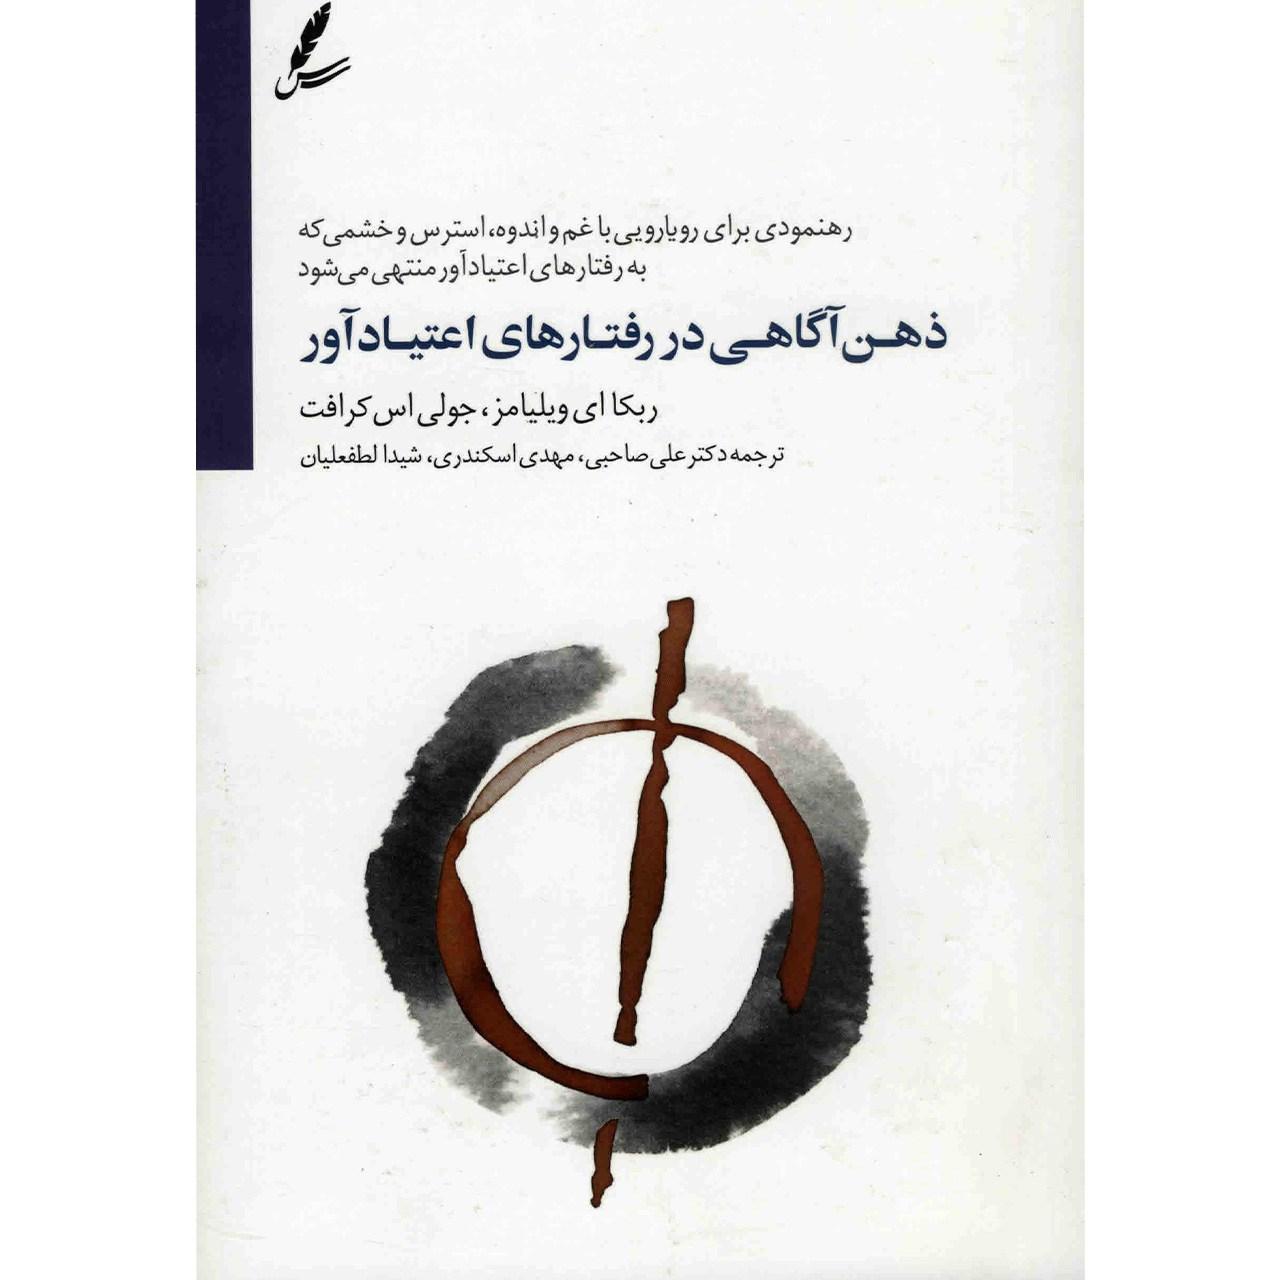 خرید                      کتاب ذهن آگاهی در رفتارهای اعتیادآور اثر ربکا ای ویلیامز